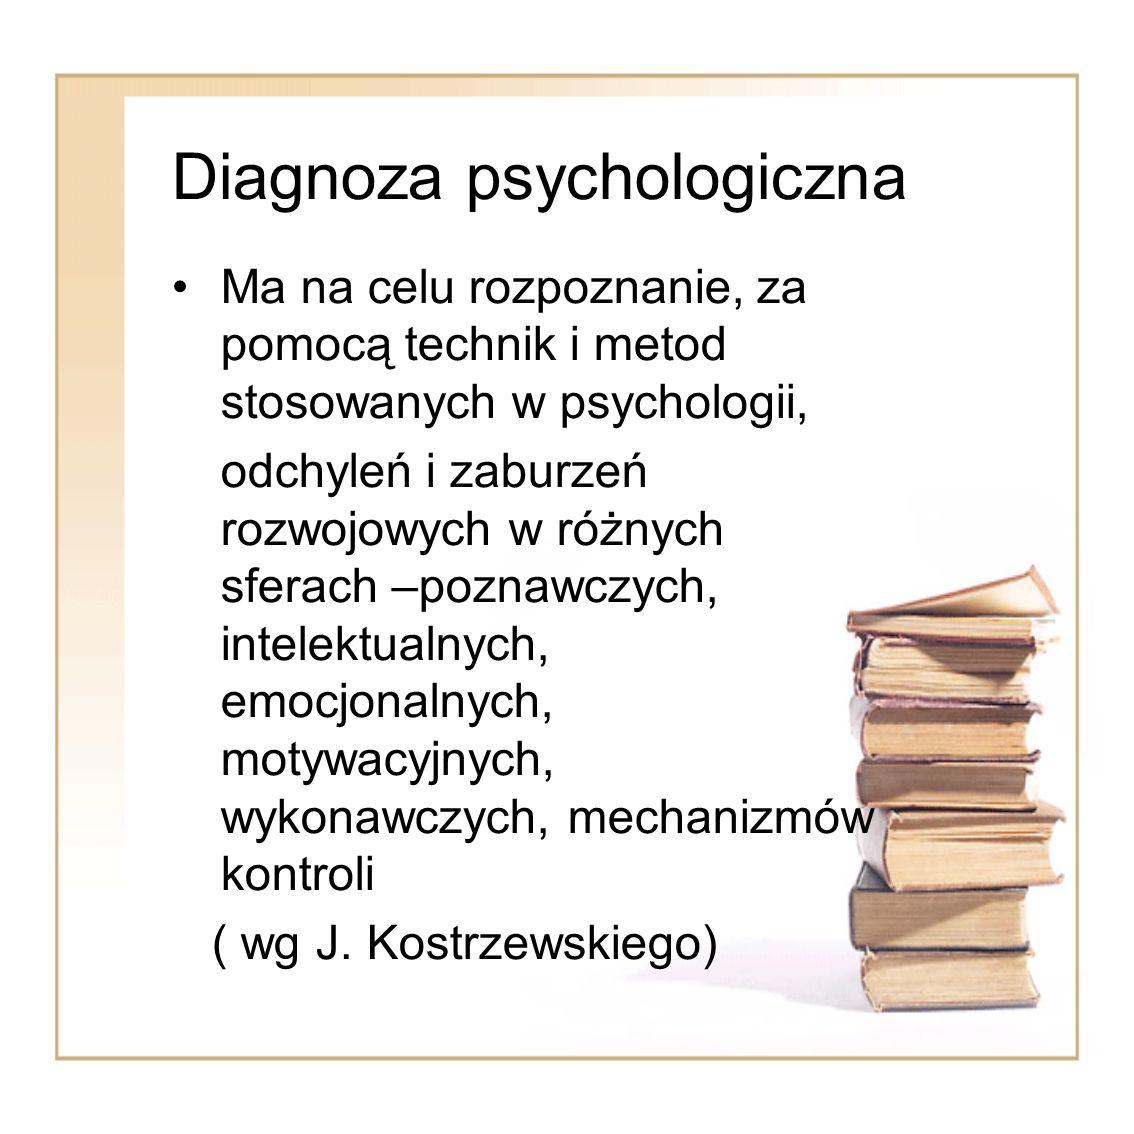 Diagnoza psychologiczna Ma na celu rozpoznanie, za pomocą technik i metod stosowanych w psychologii, odchyleń i zaburzeń rozwojowych w różnych sferach